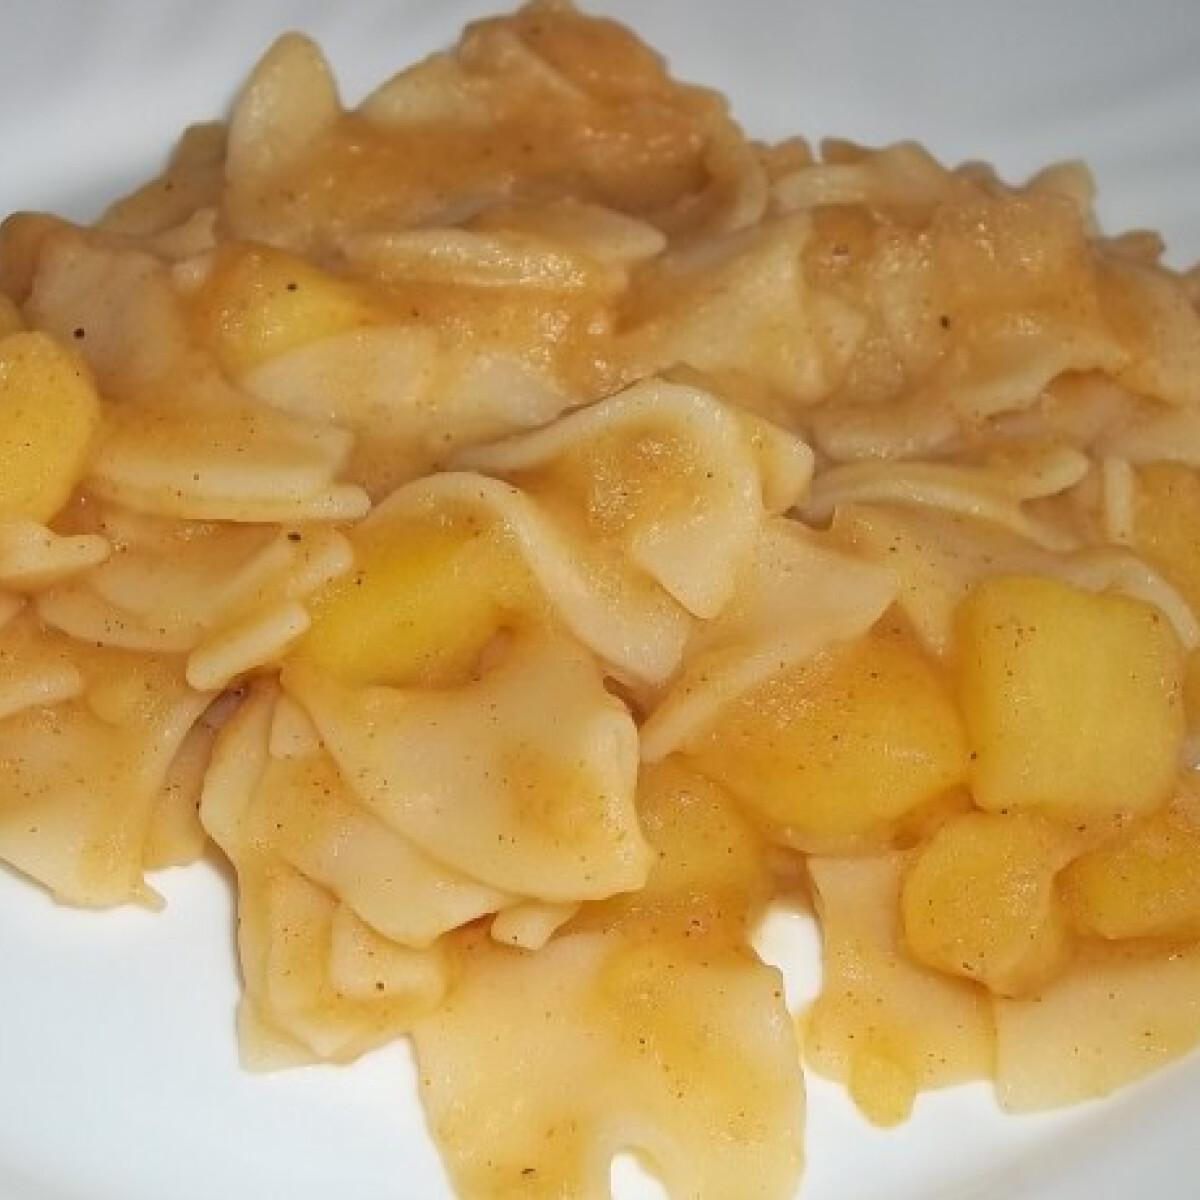 Ezen a képen: Krumplis tészta ahogy töjpilla készíti